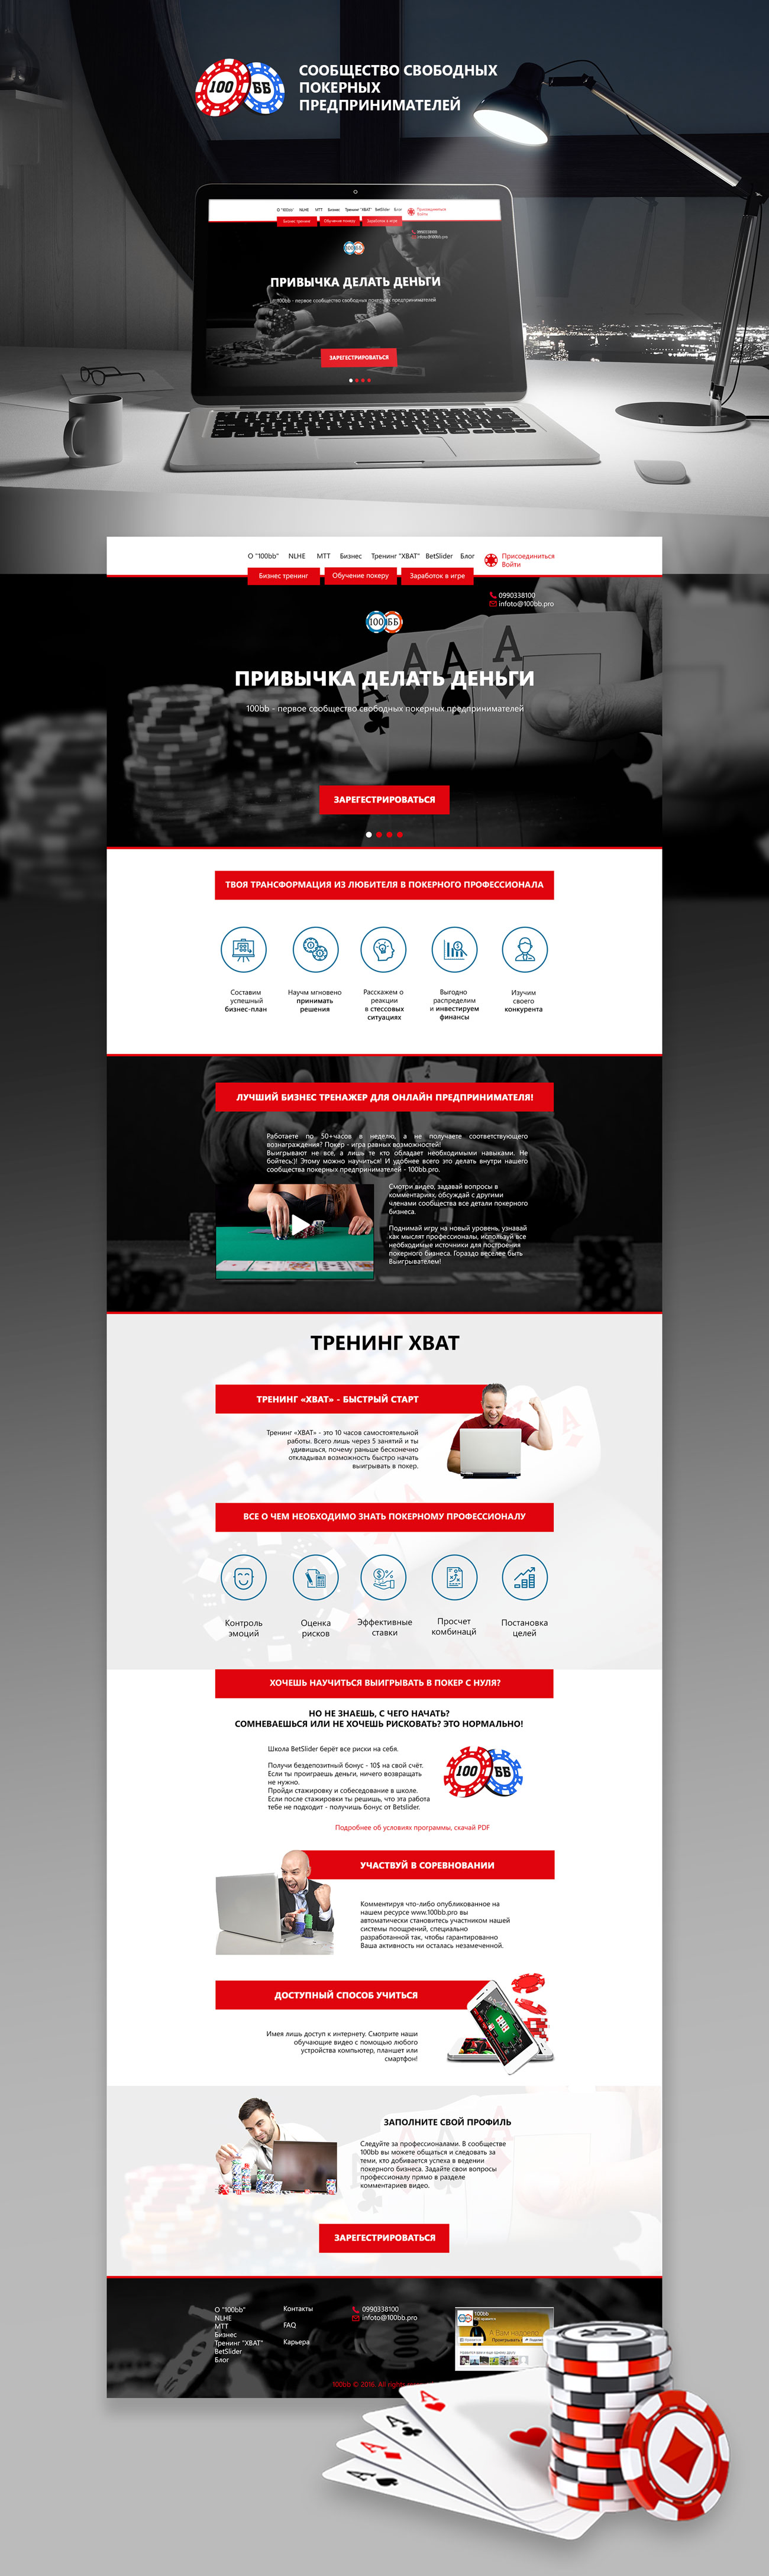 Редизайн сайта по обучению игры в покер